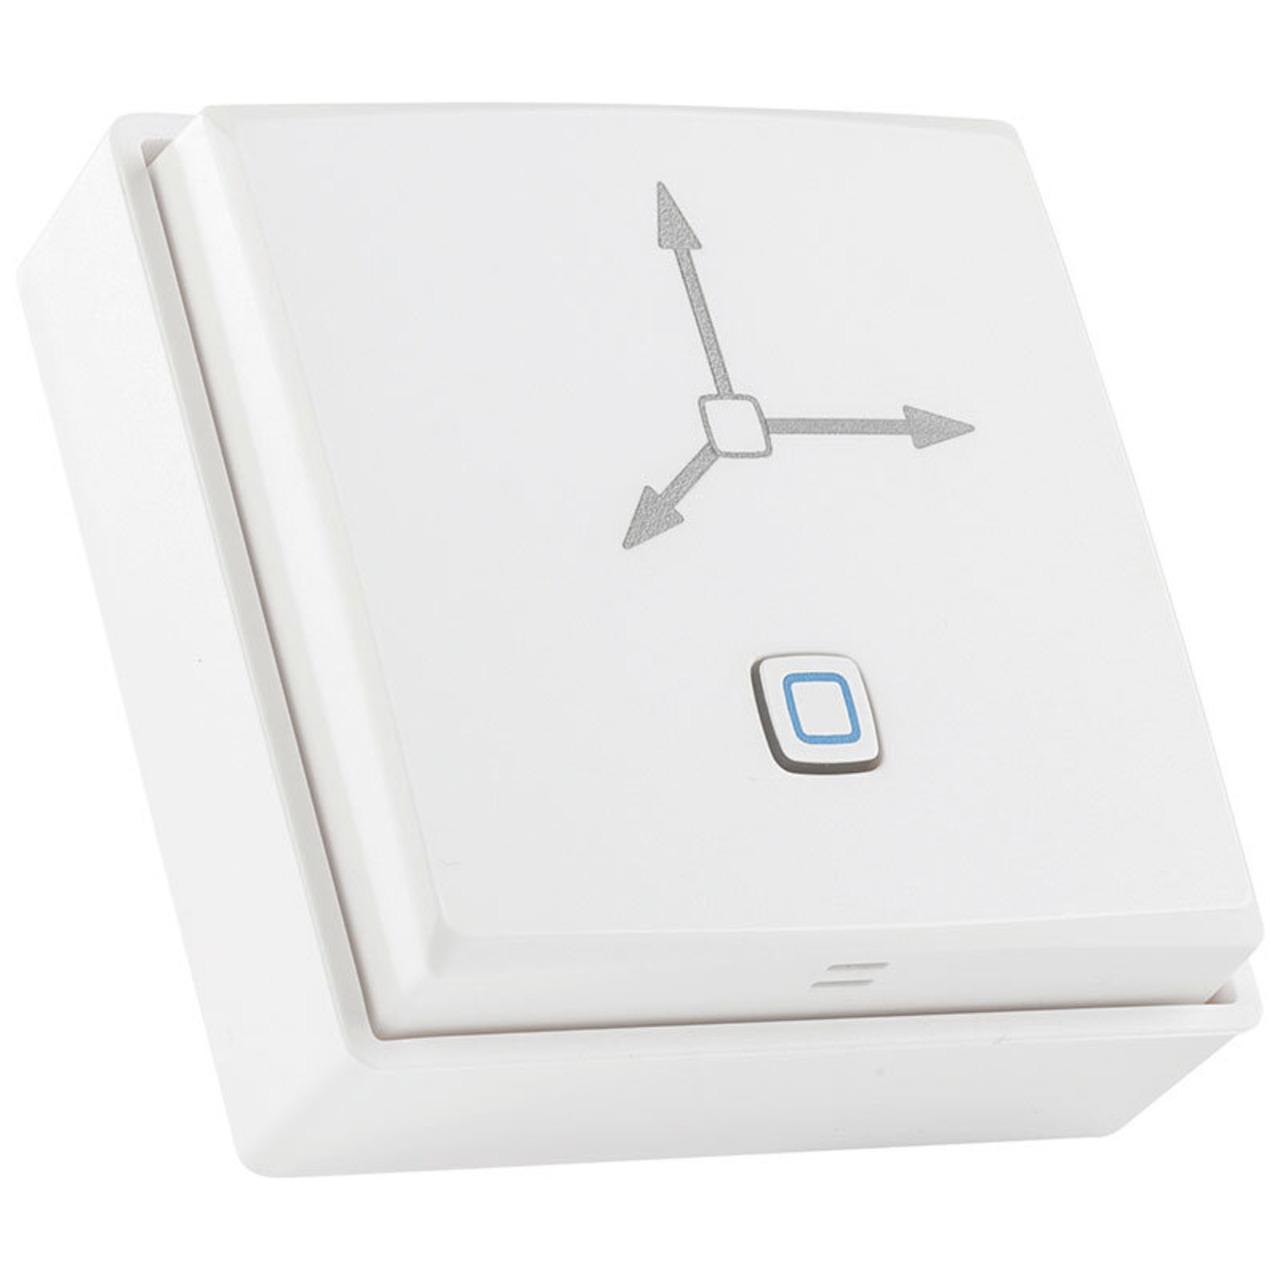 ELV Homematic IP Komplettbausatz Beschleunigungssensor HmIP-SAM- für Smart Home - Hausautomation